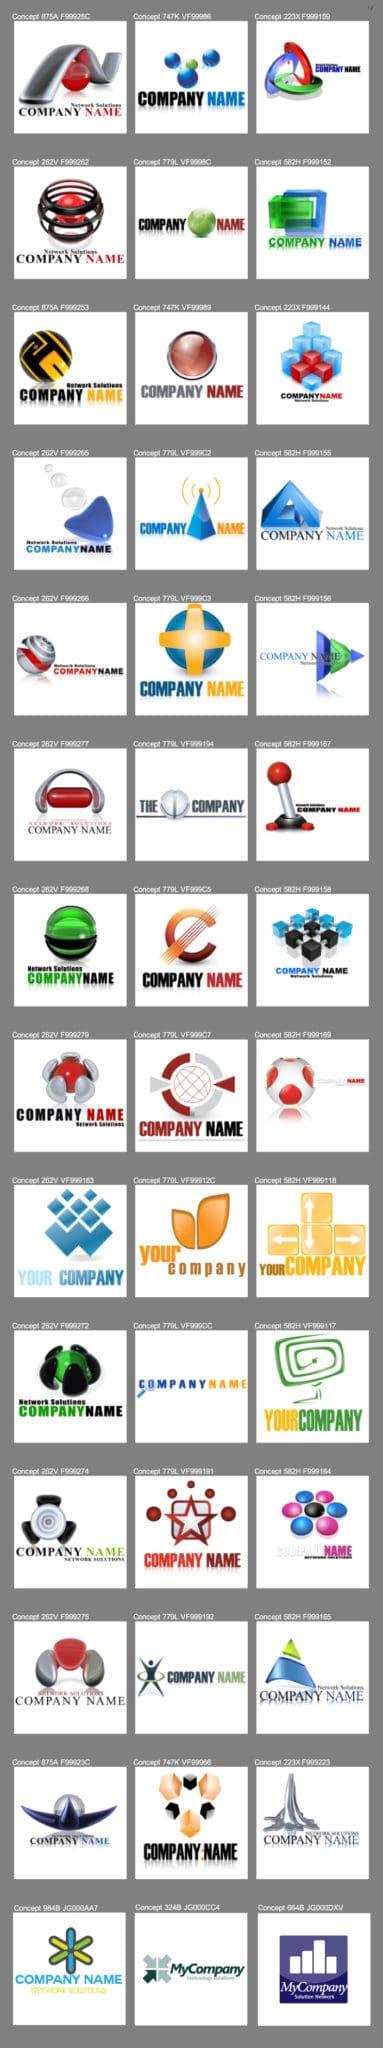 examples of a brand logo design